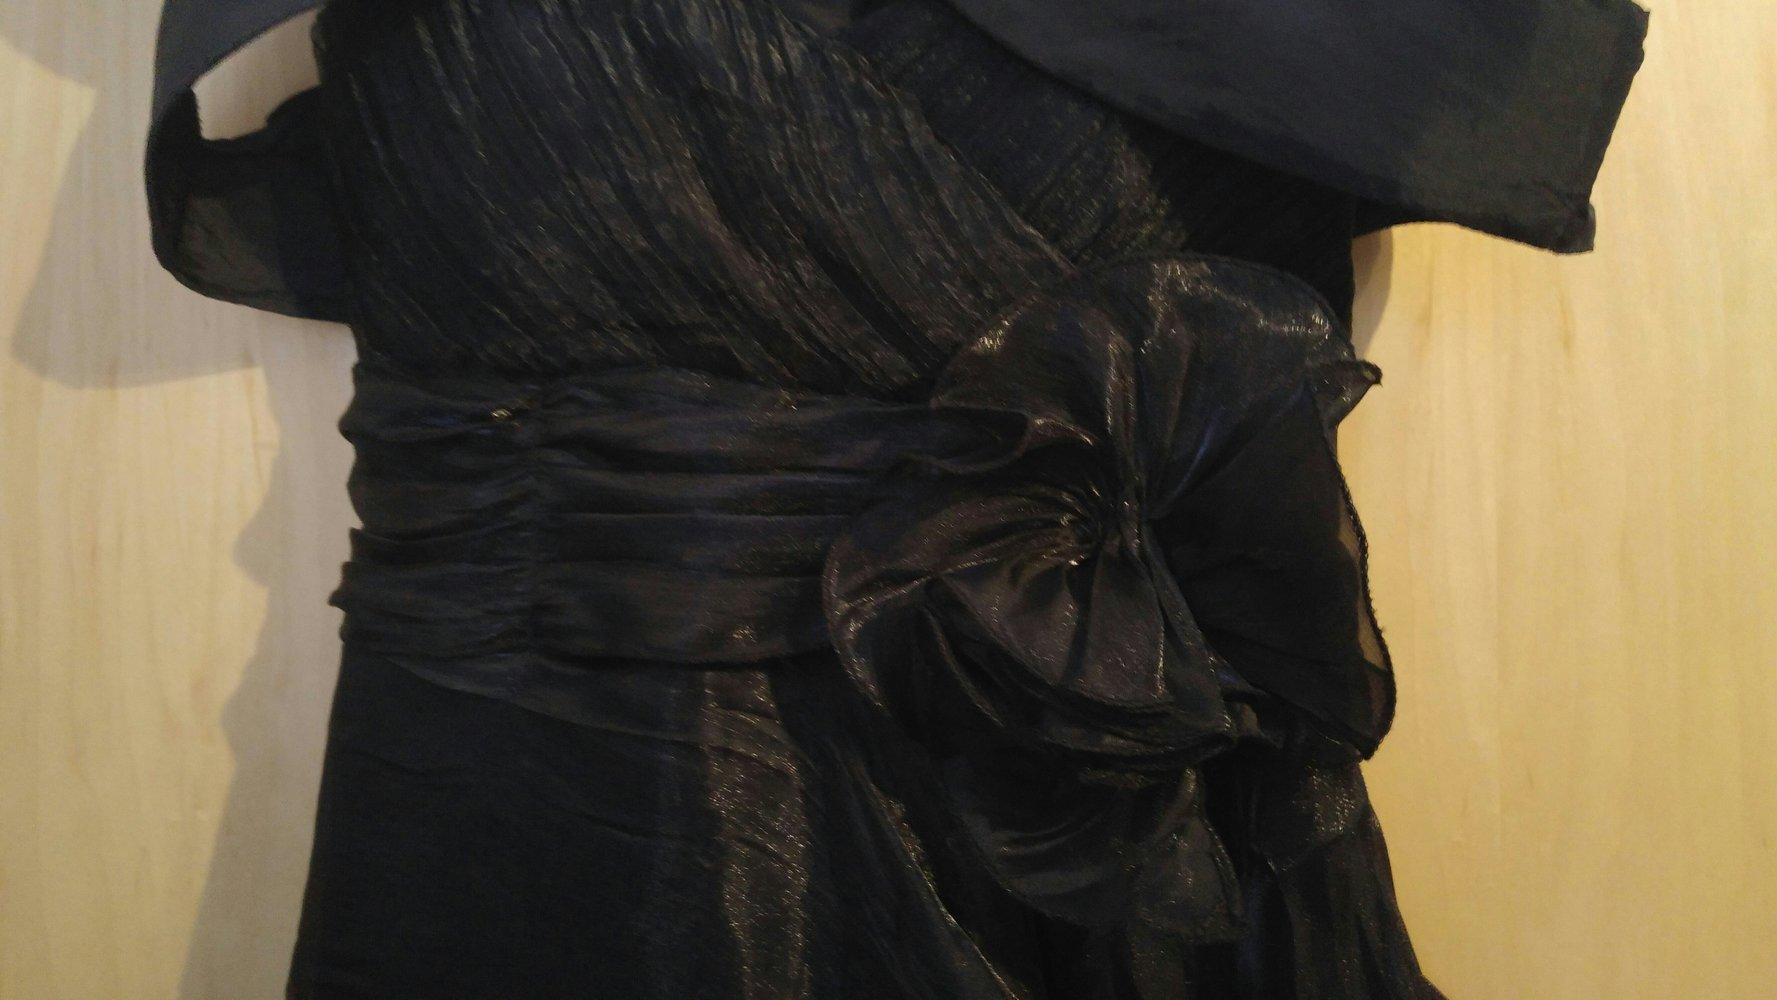 schwarzes kleid mit herzausschnitt jacke. Black Bedroom Furniture Sets. Home Design Ideas